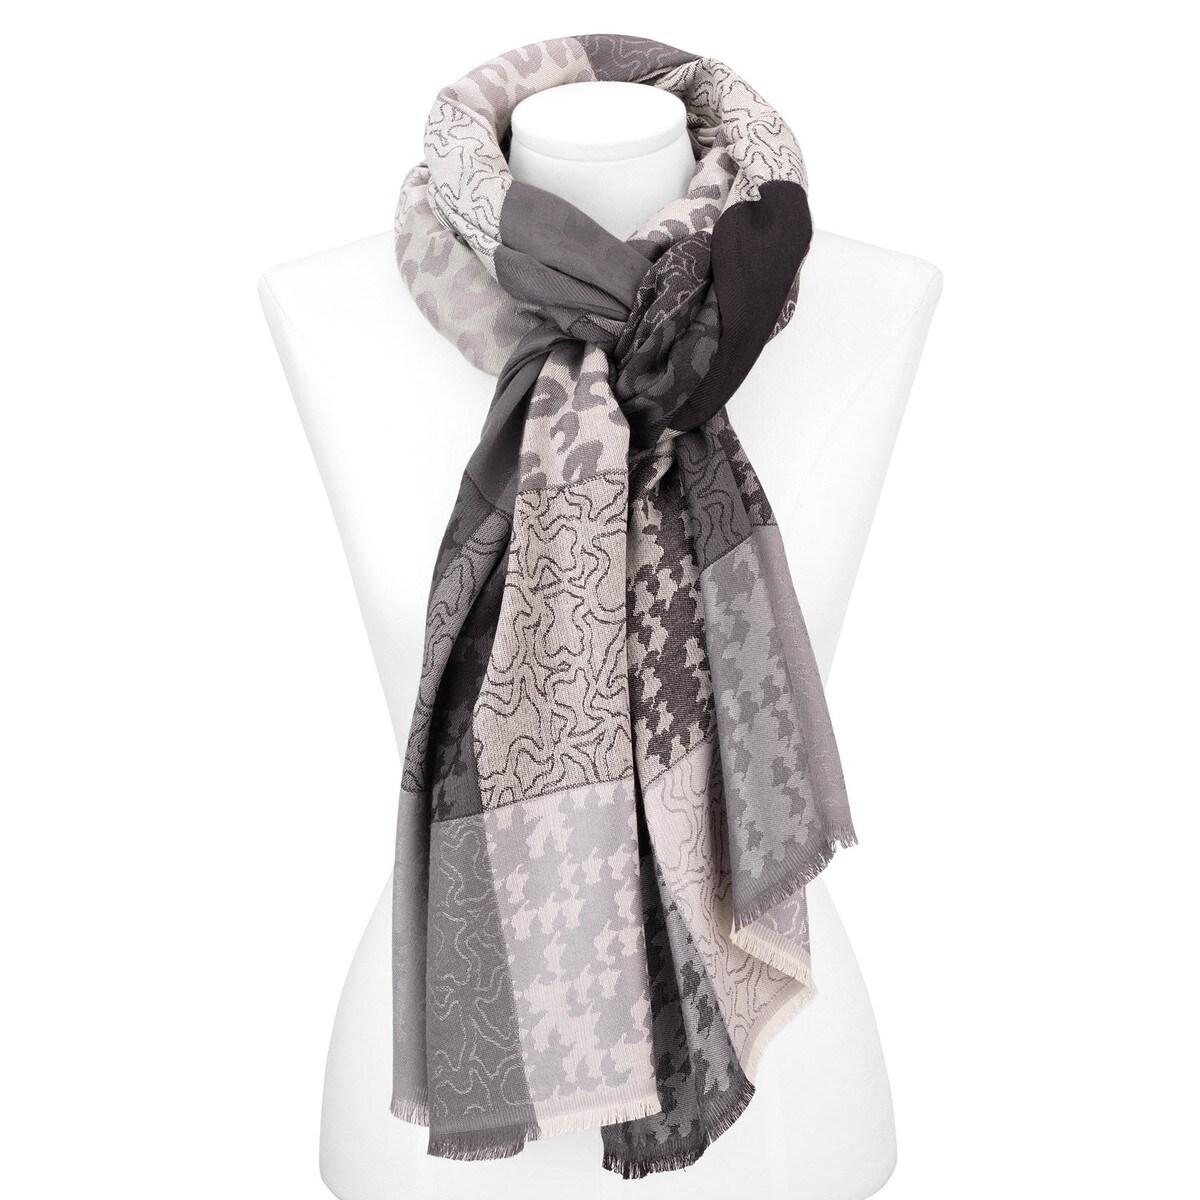 Foulard Mix en color gris-marfil